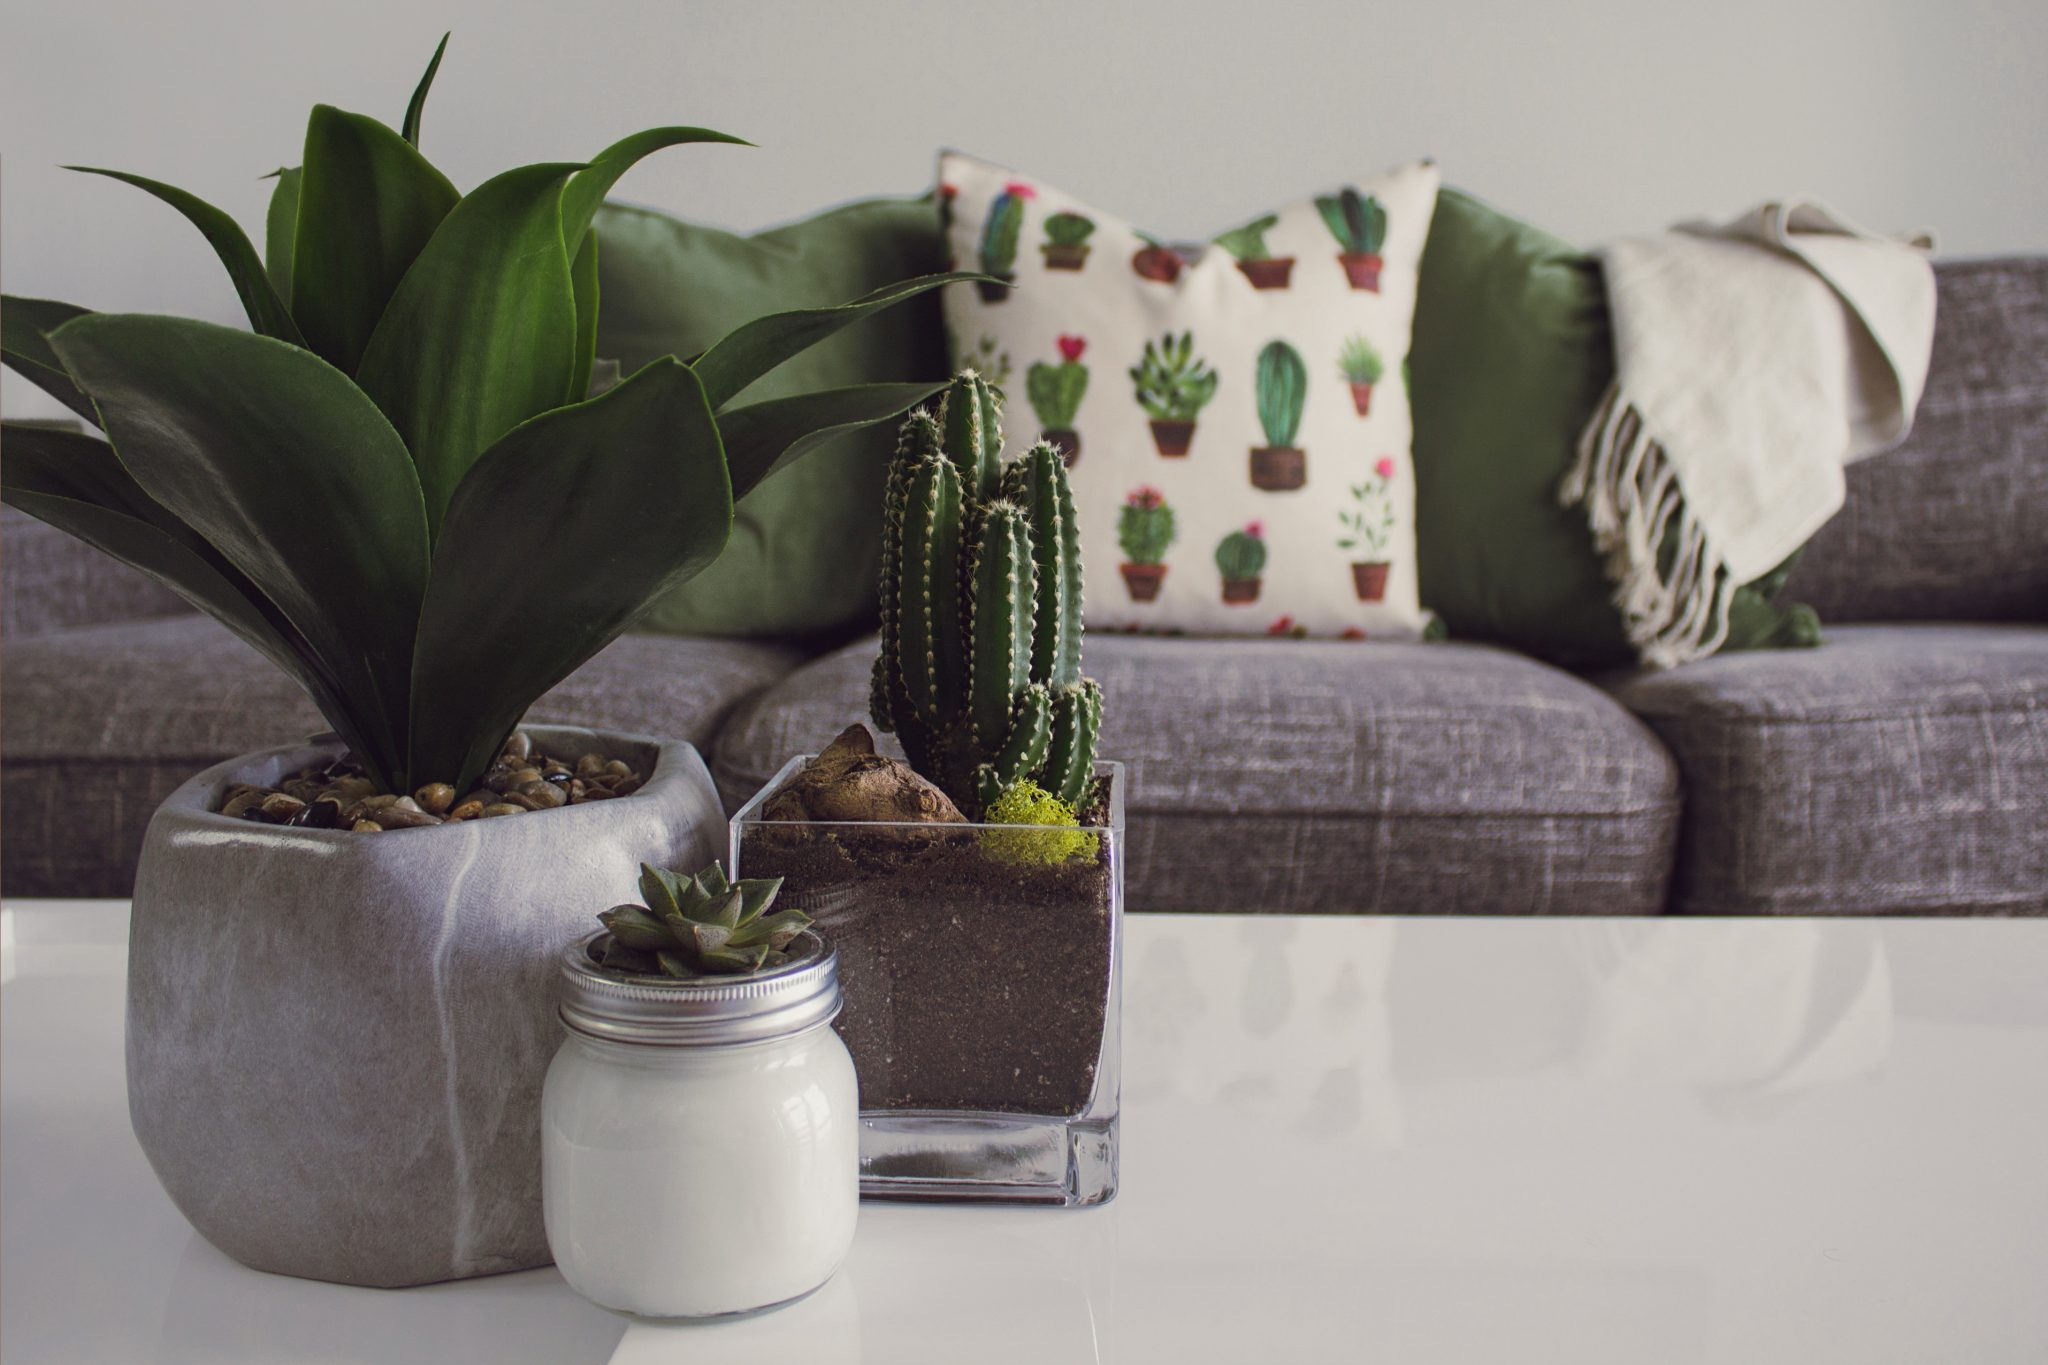 Piante Grasse Piccole Prezzi piante grasse: le migliori per abbellire la tua casa - guida